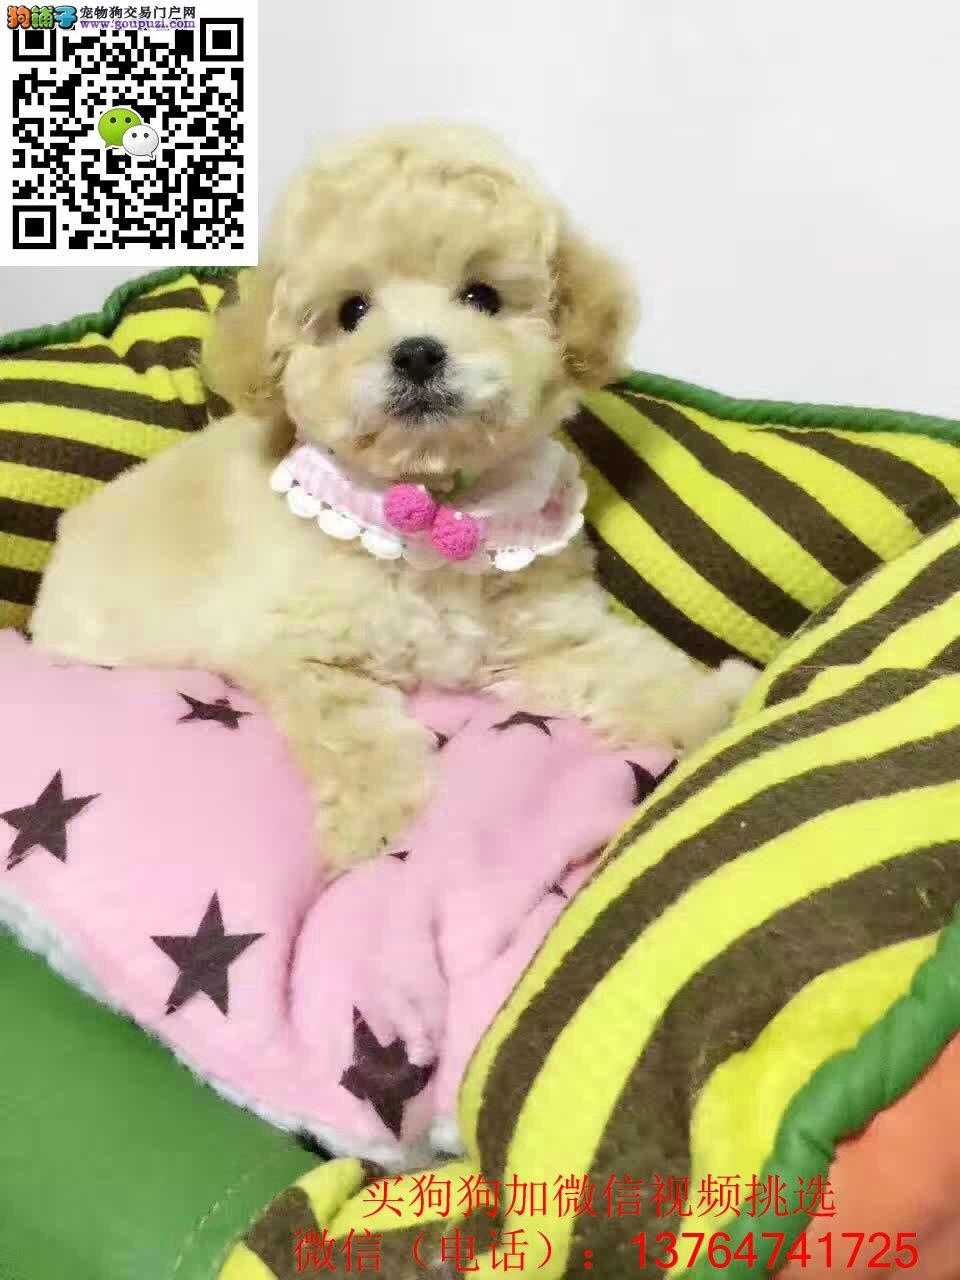 深圳贵宾犬出售深圳哪卖贵宾犬保证健康纯正